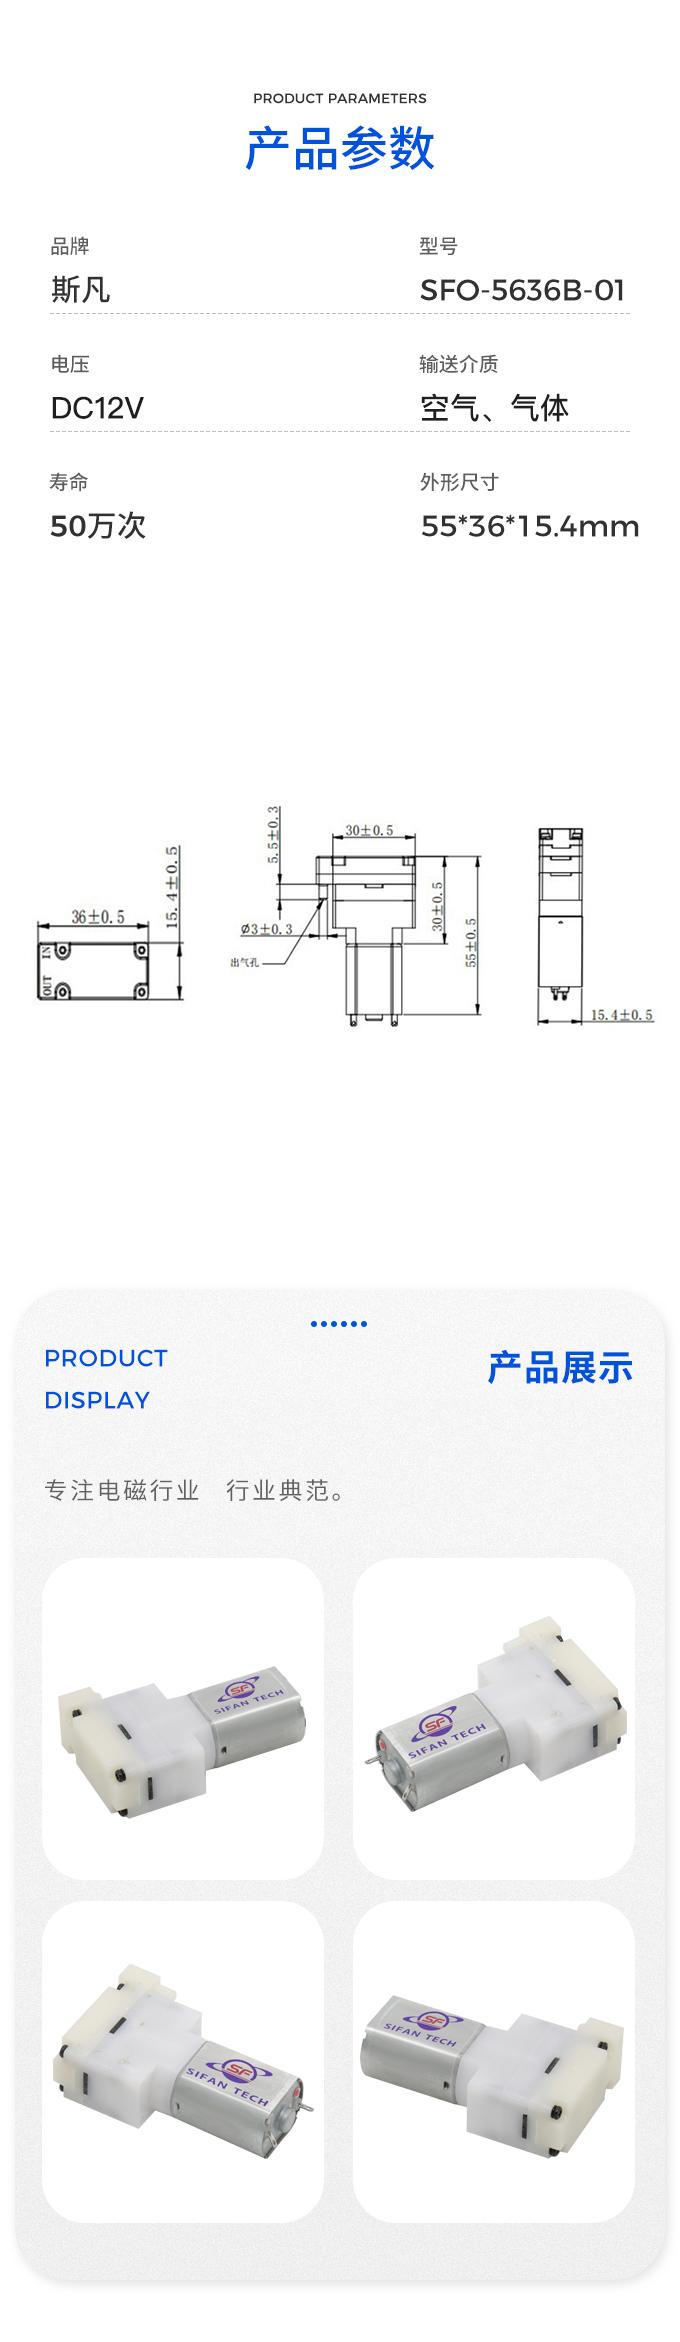 SFO-5636B-01.jpg